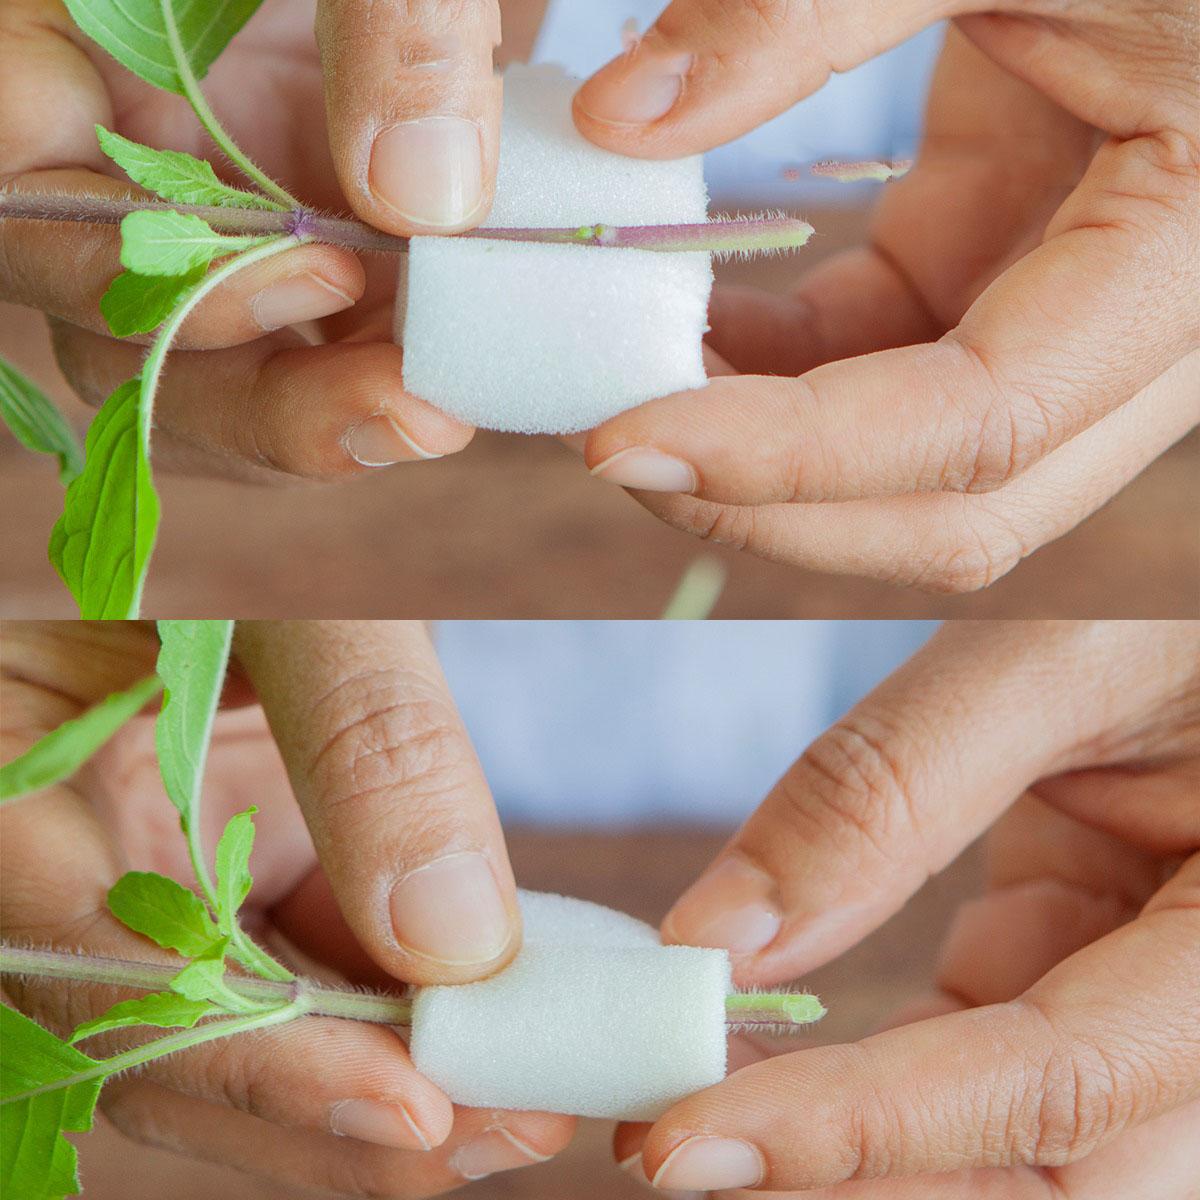 Cắt rau bỏ trong chai nhựa, cách làm đơn giản nhưng thu hoạch rau nhiều bất ngờ - Ảnh 11.